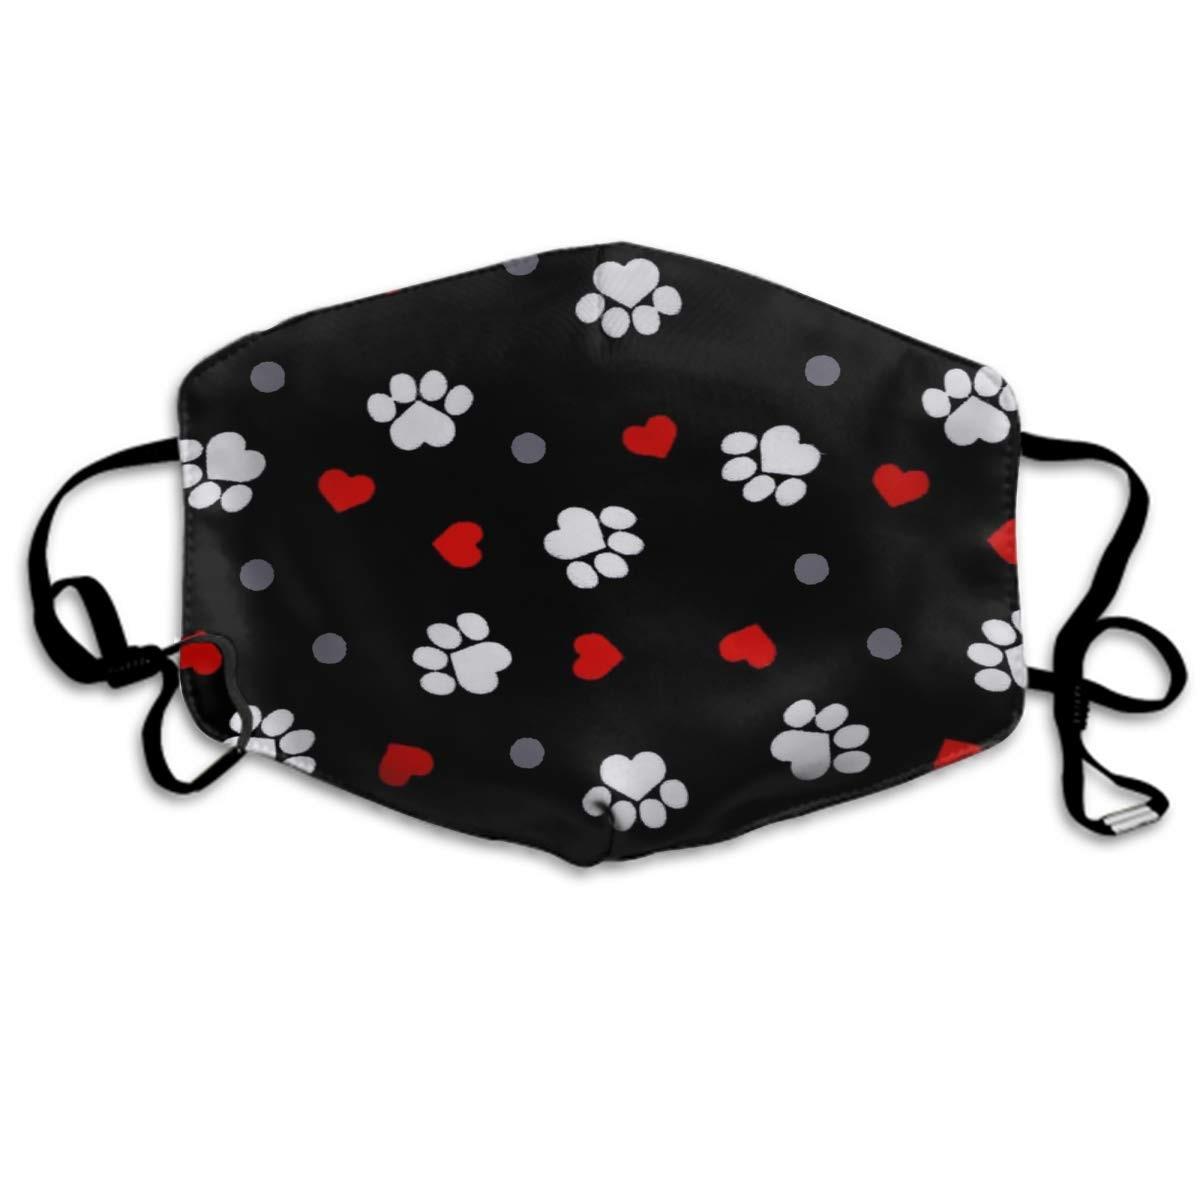 Confortable-deux-couches-masque-anti-poussi-re-doux-patte-coeur-impression-masque-noir-couverture-bouche-pour